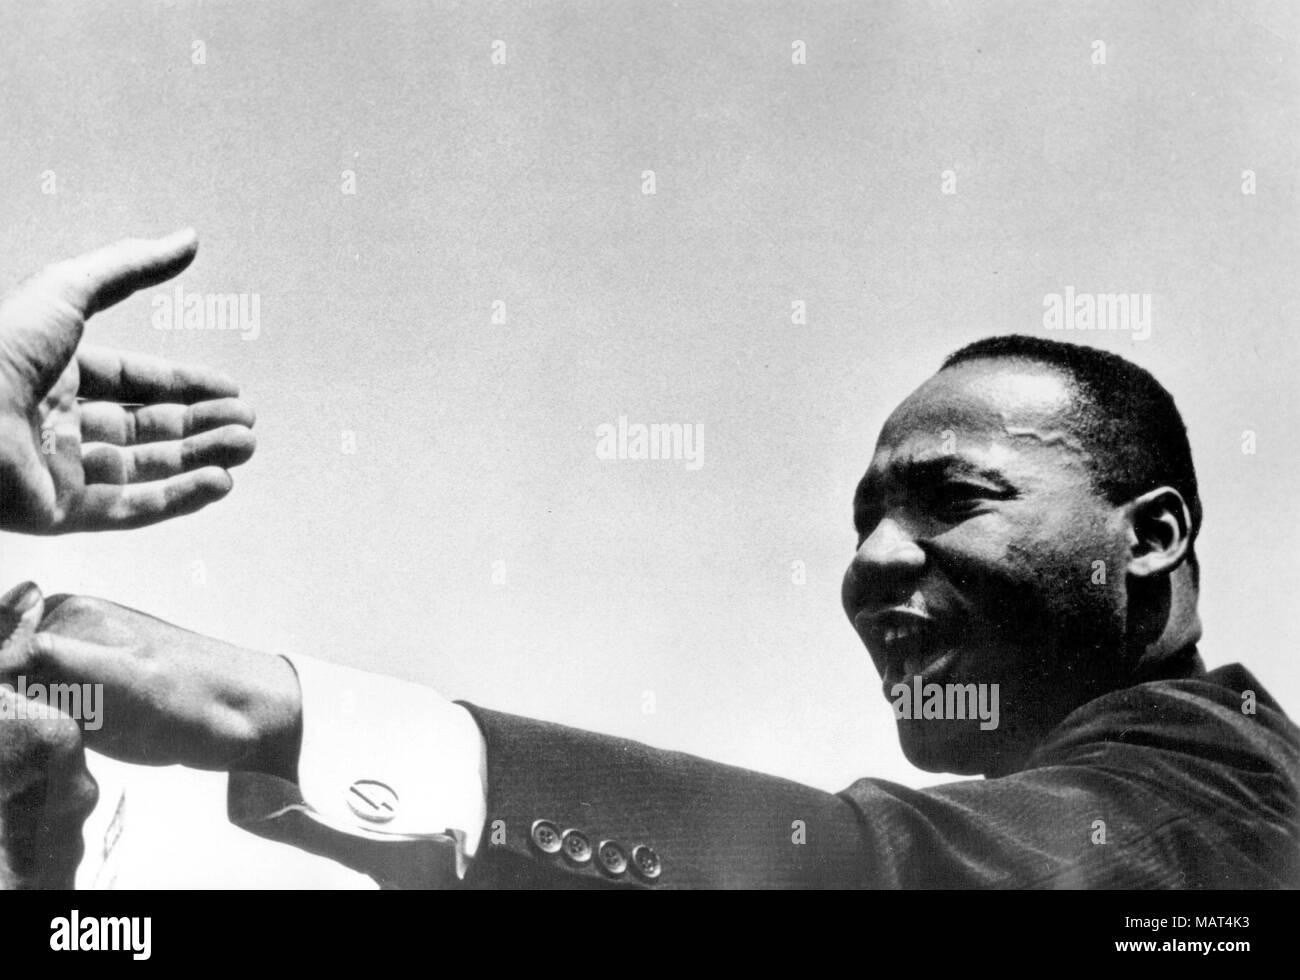 """File. 4 apr, 2018. Il reverendo Martin Luther King Jr. è stato fatalmente di colpo da J. Earl Ray a 6:01 p.m., 4 aprile 1968, come egli si fermò sul secondo piano balcone del Lorraine Hotel a Memphis, Tennessee. Nella foto: Agosto 12, 1963 - Washington, DC, Stati Uniti - Il Reverendo Martin Luther King Jr è stato un famoso leader dell'African American movimento per i diritti civili. Il re fu tragicamente ucciso il 4 aprile 1968 al Lorraine Motel. Nella foto: il re si stringono la mano durante la 'marzo su Washington per i posti di lavoro e la libertà."""" (credito Immagine: © Keystone Press Agency/Keystone USA via ZUMAPRESS.com) Foto Stock"""